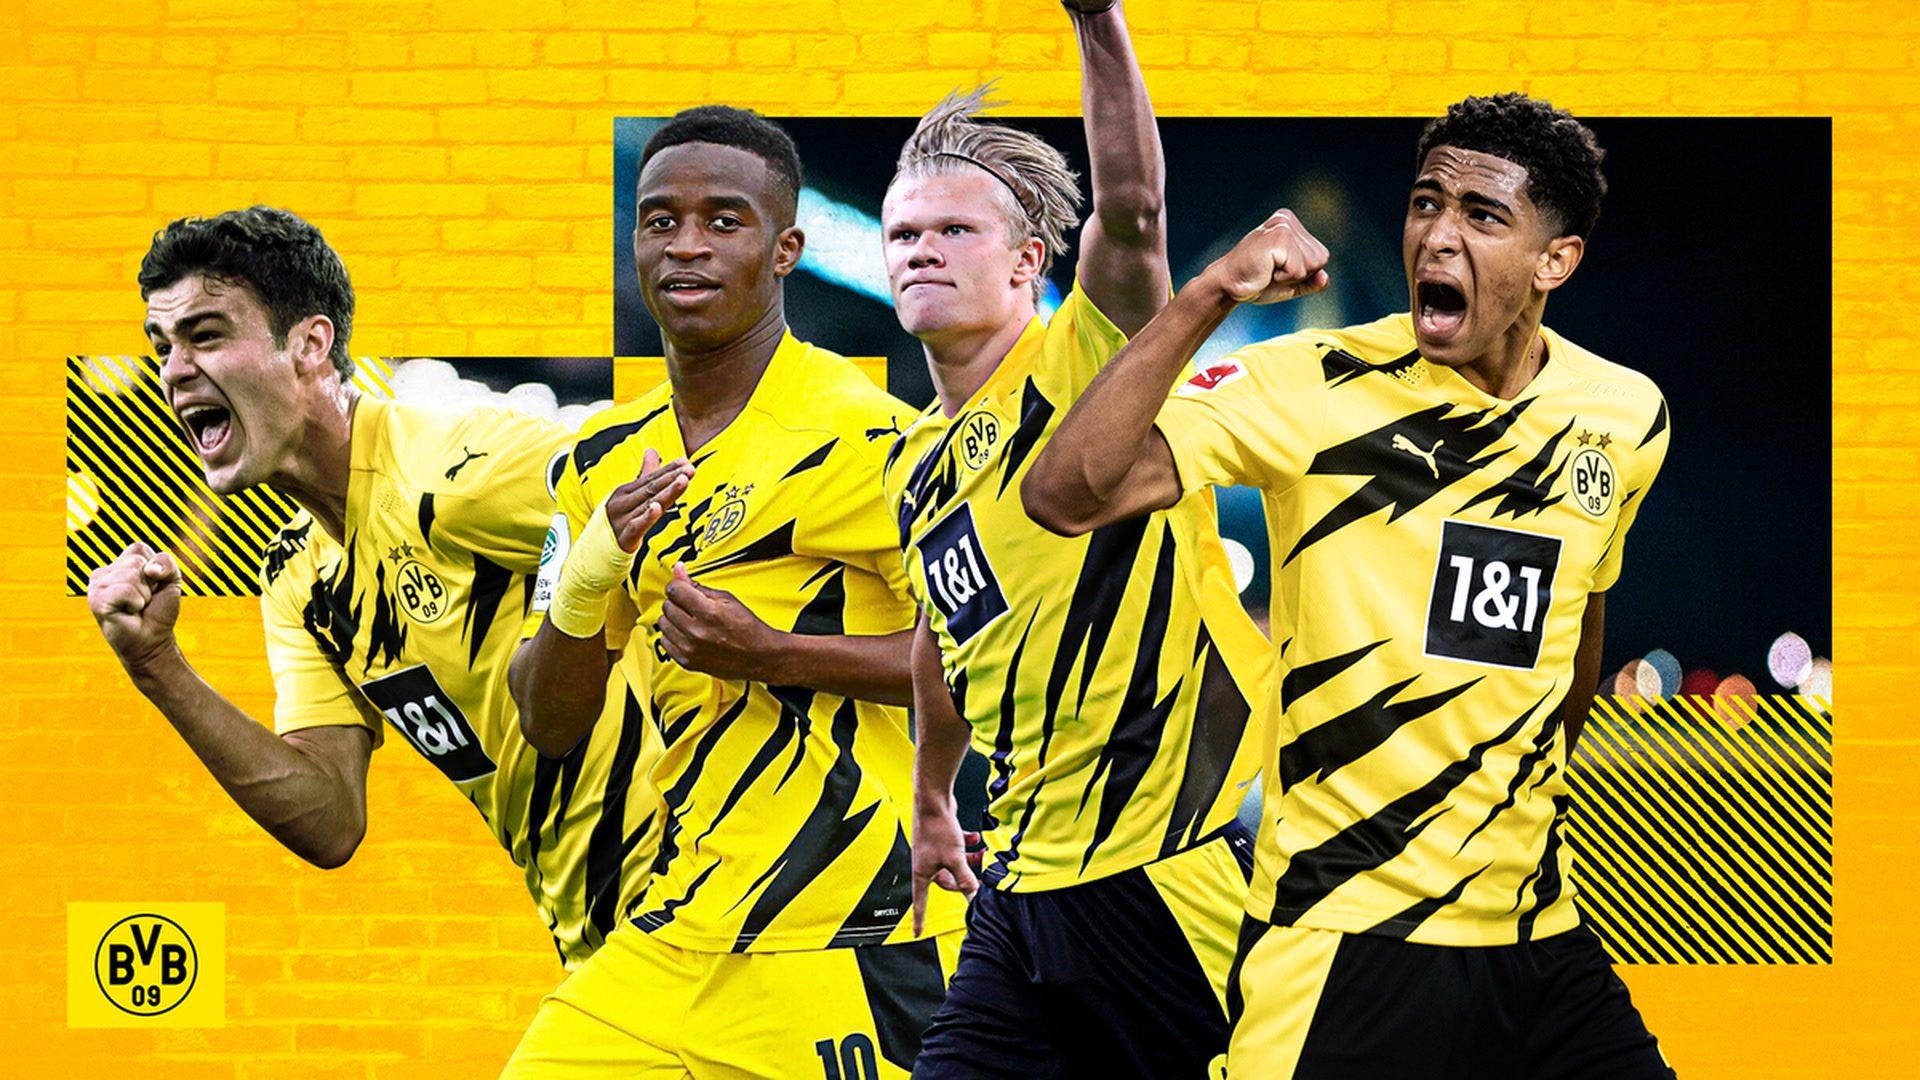 Die Rekord-Teenager von Borussia Dortmund